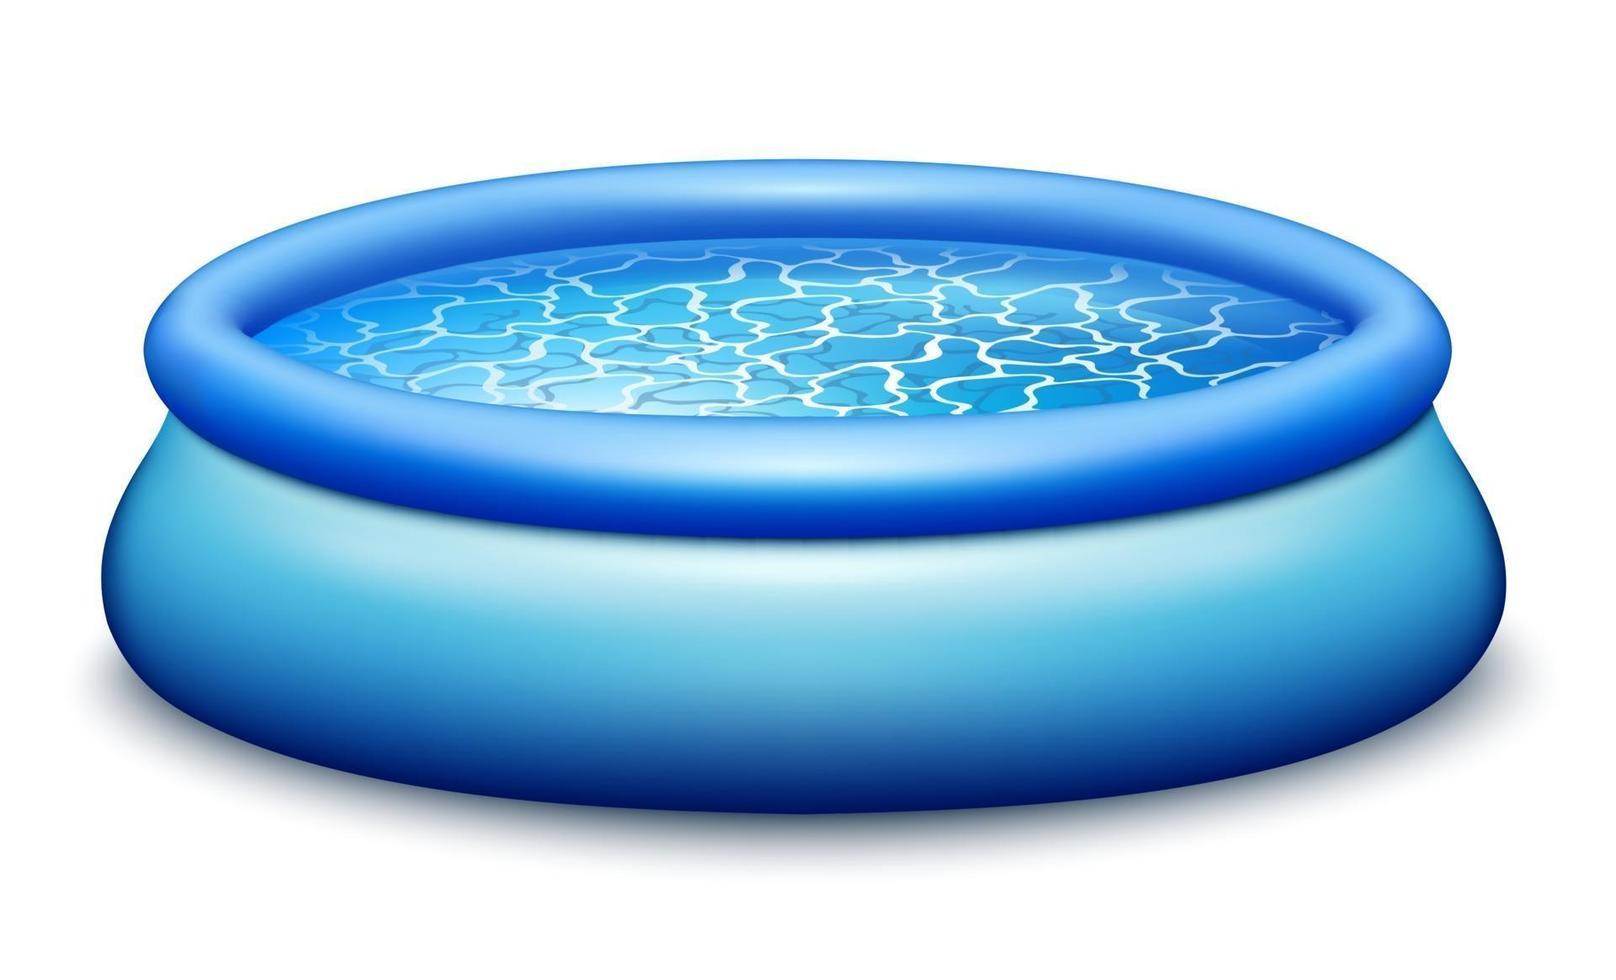 piscina portátil de borracha. cheio de água límpida azul. vetor